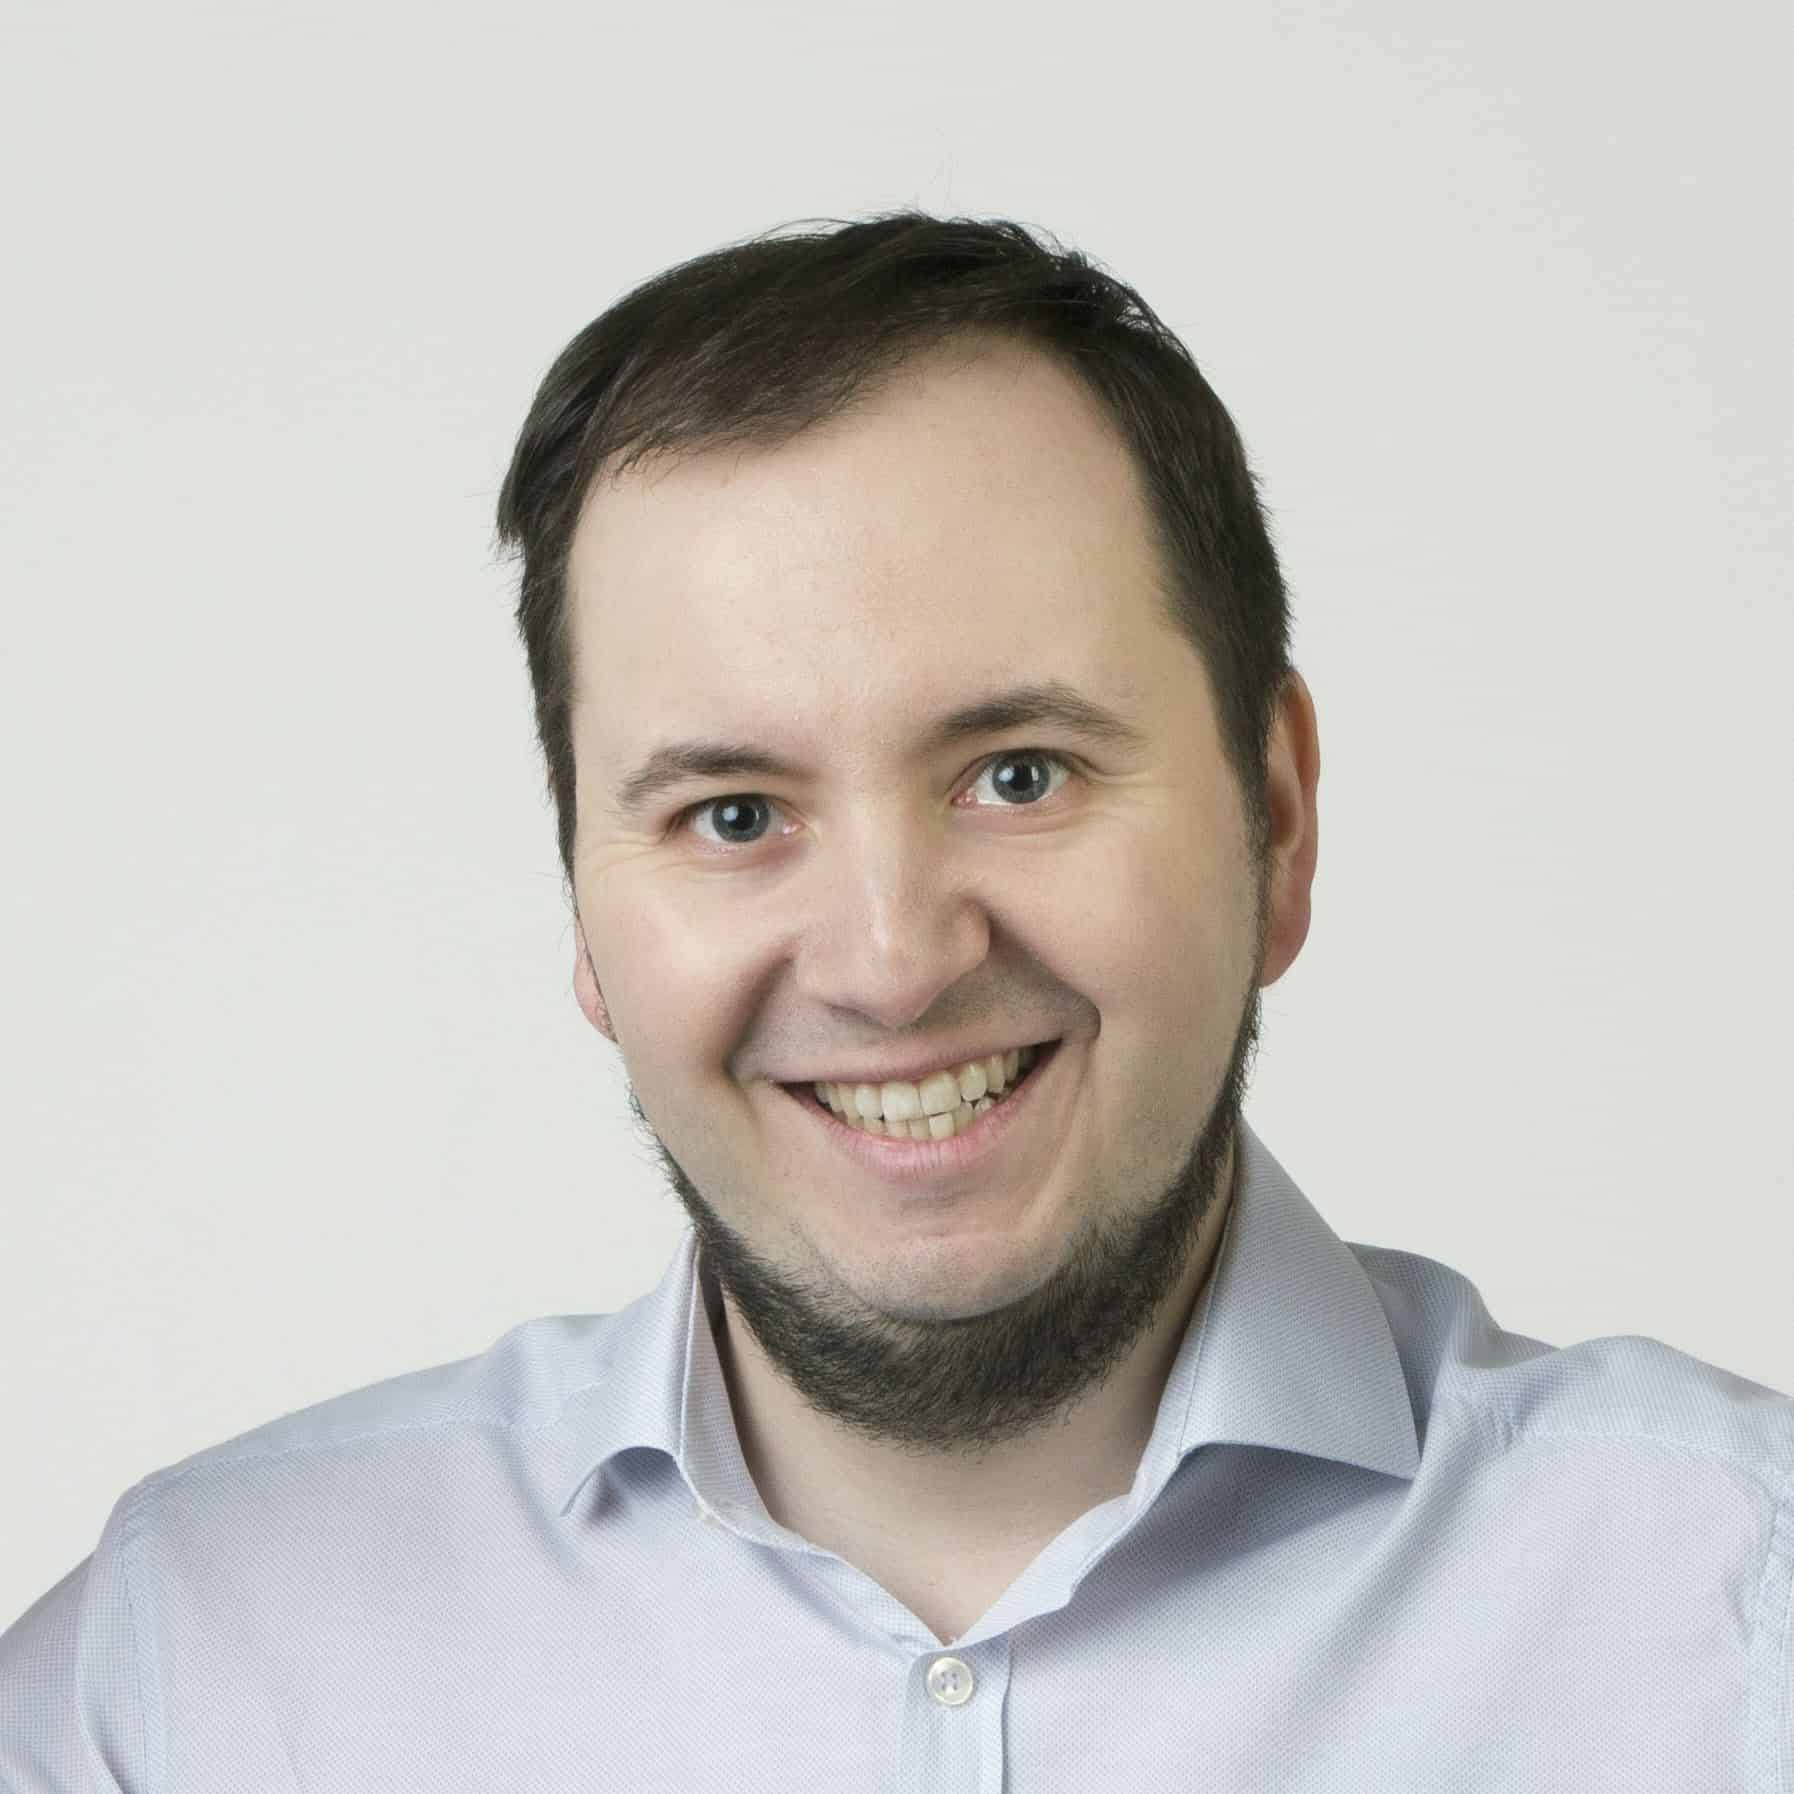 Andrzej Bernardyn - Kraina Nawykow